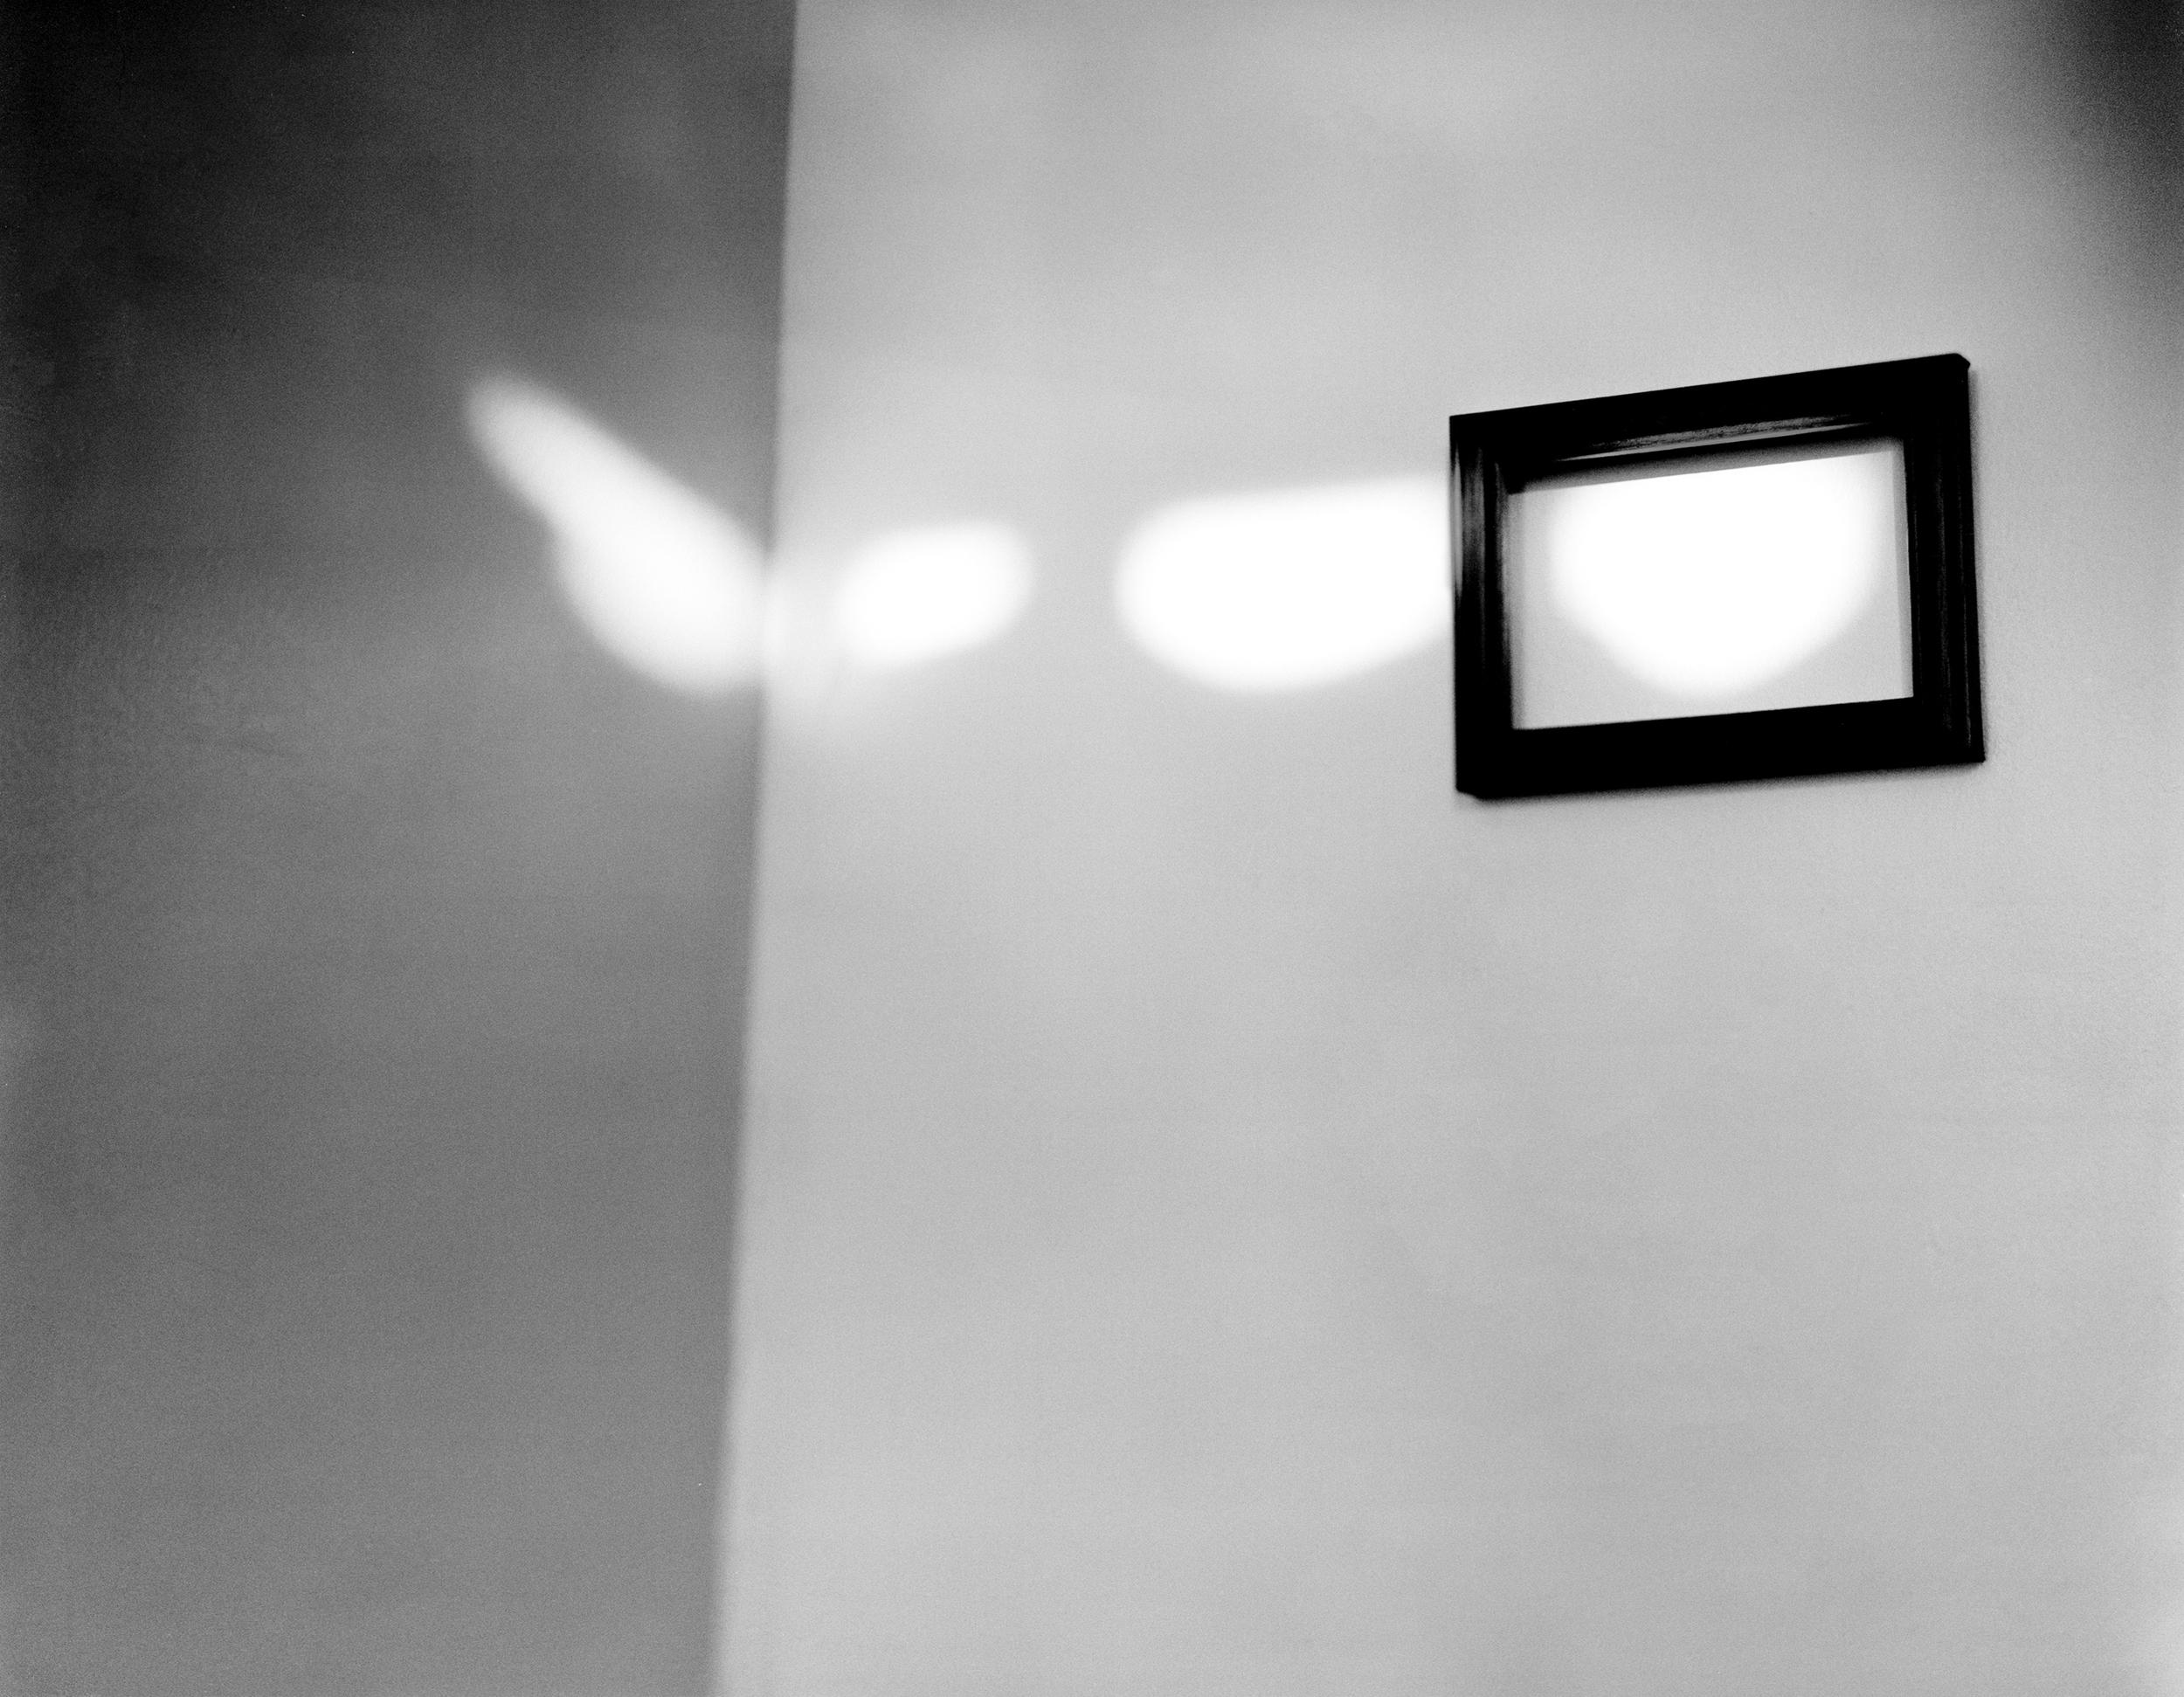 framelightwebsite.jpg